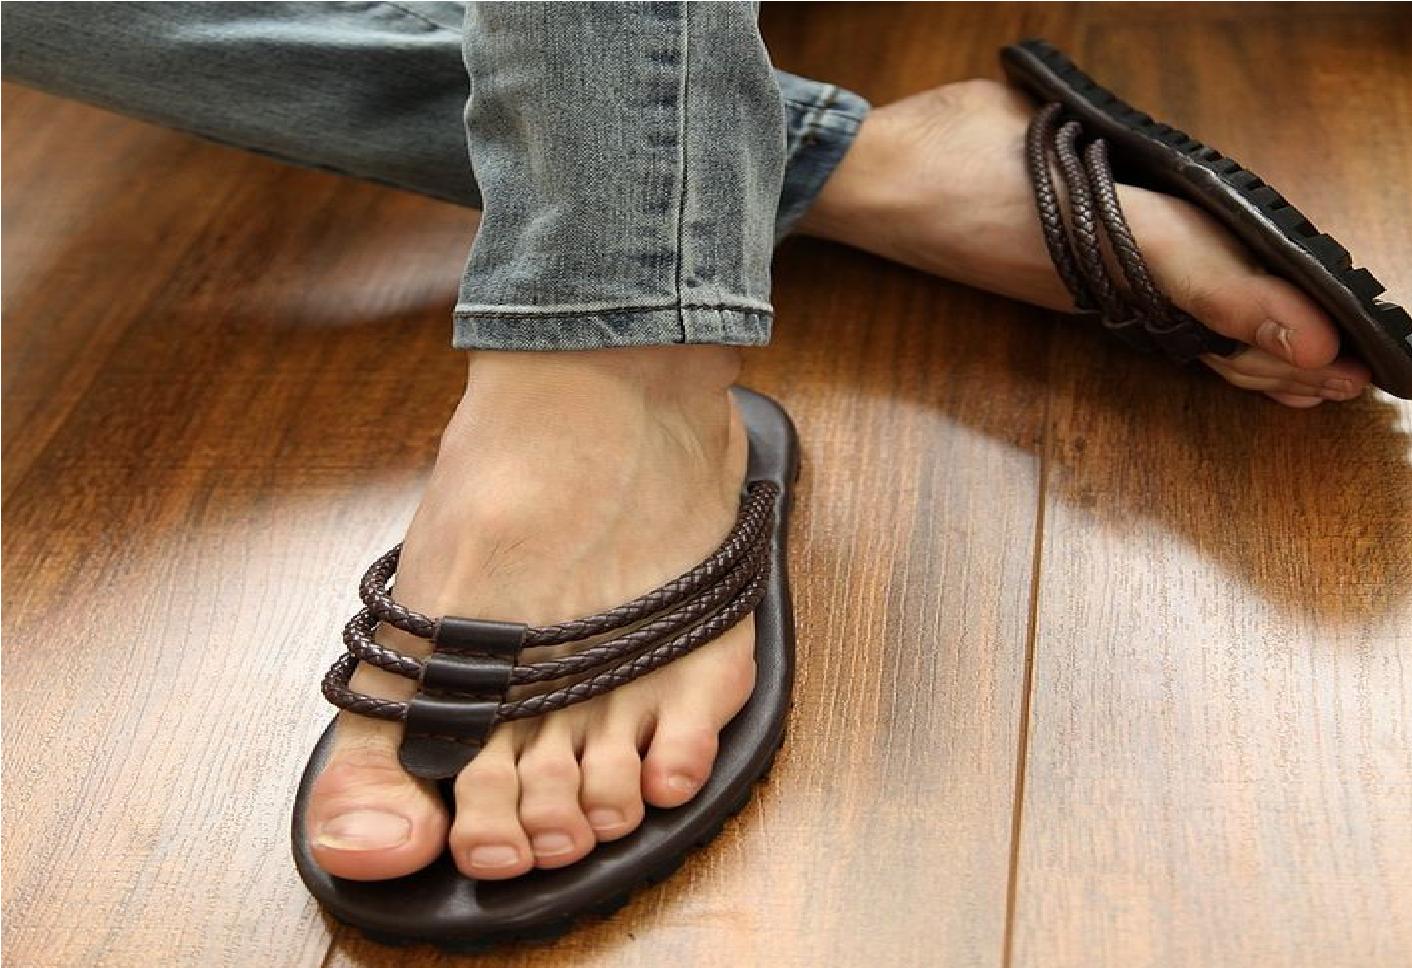 acfea2a1b Y cuáles son las mejores sandalias para hombre del mercado?Con re